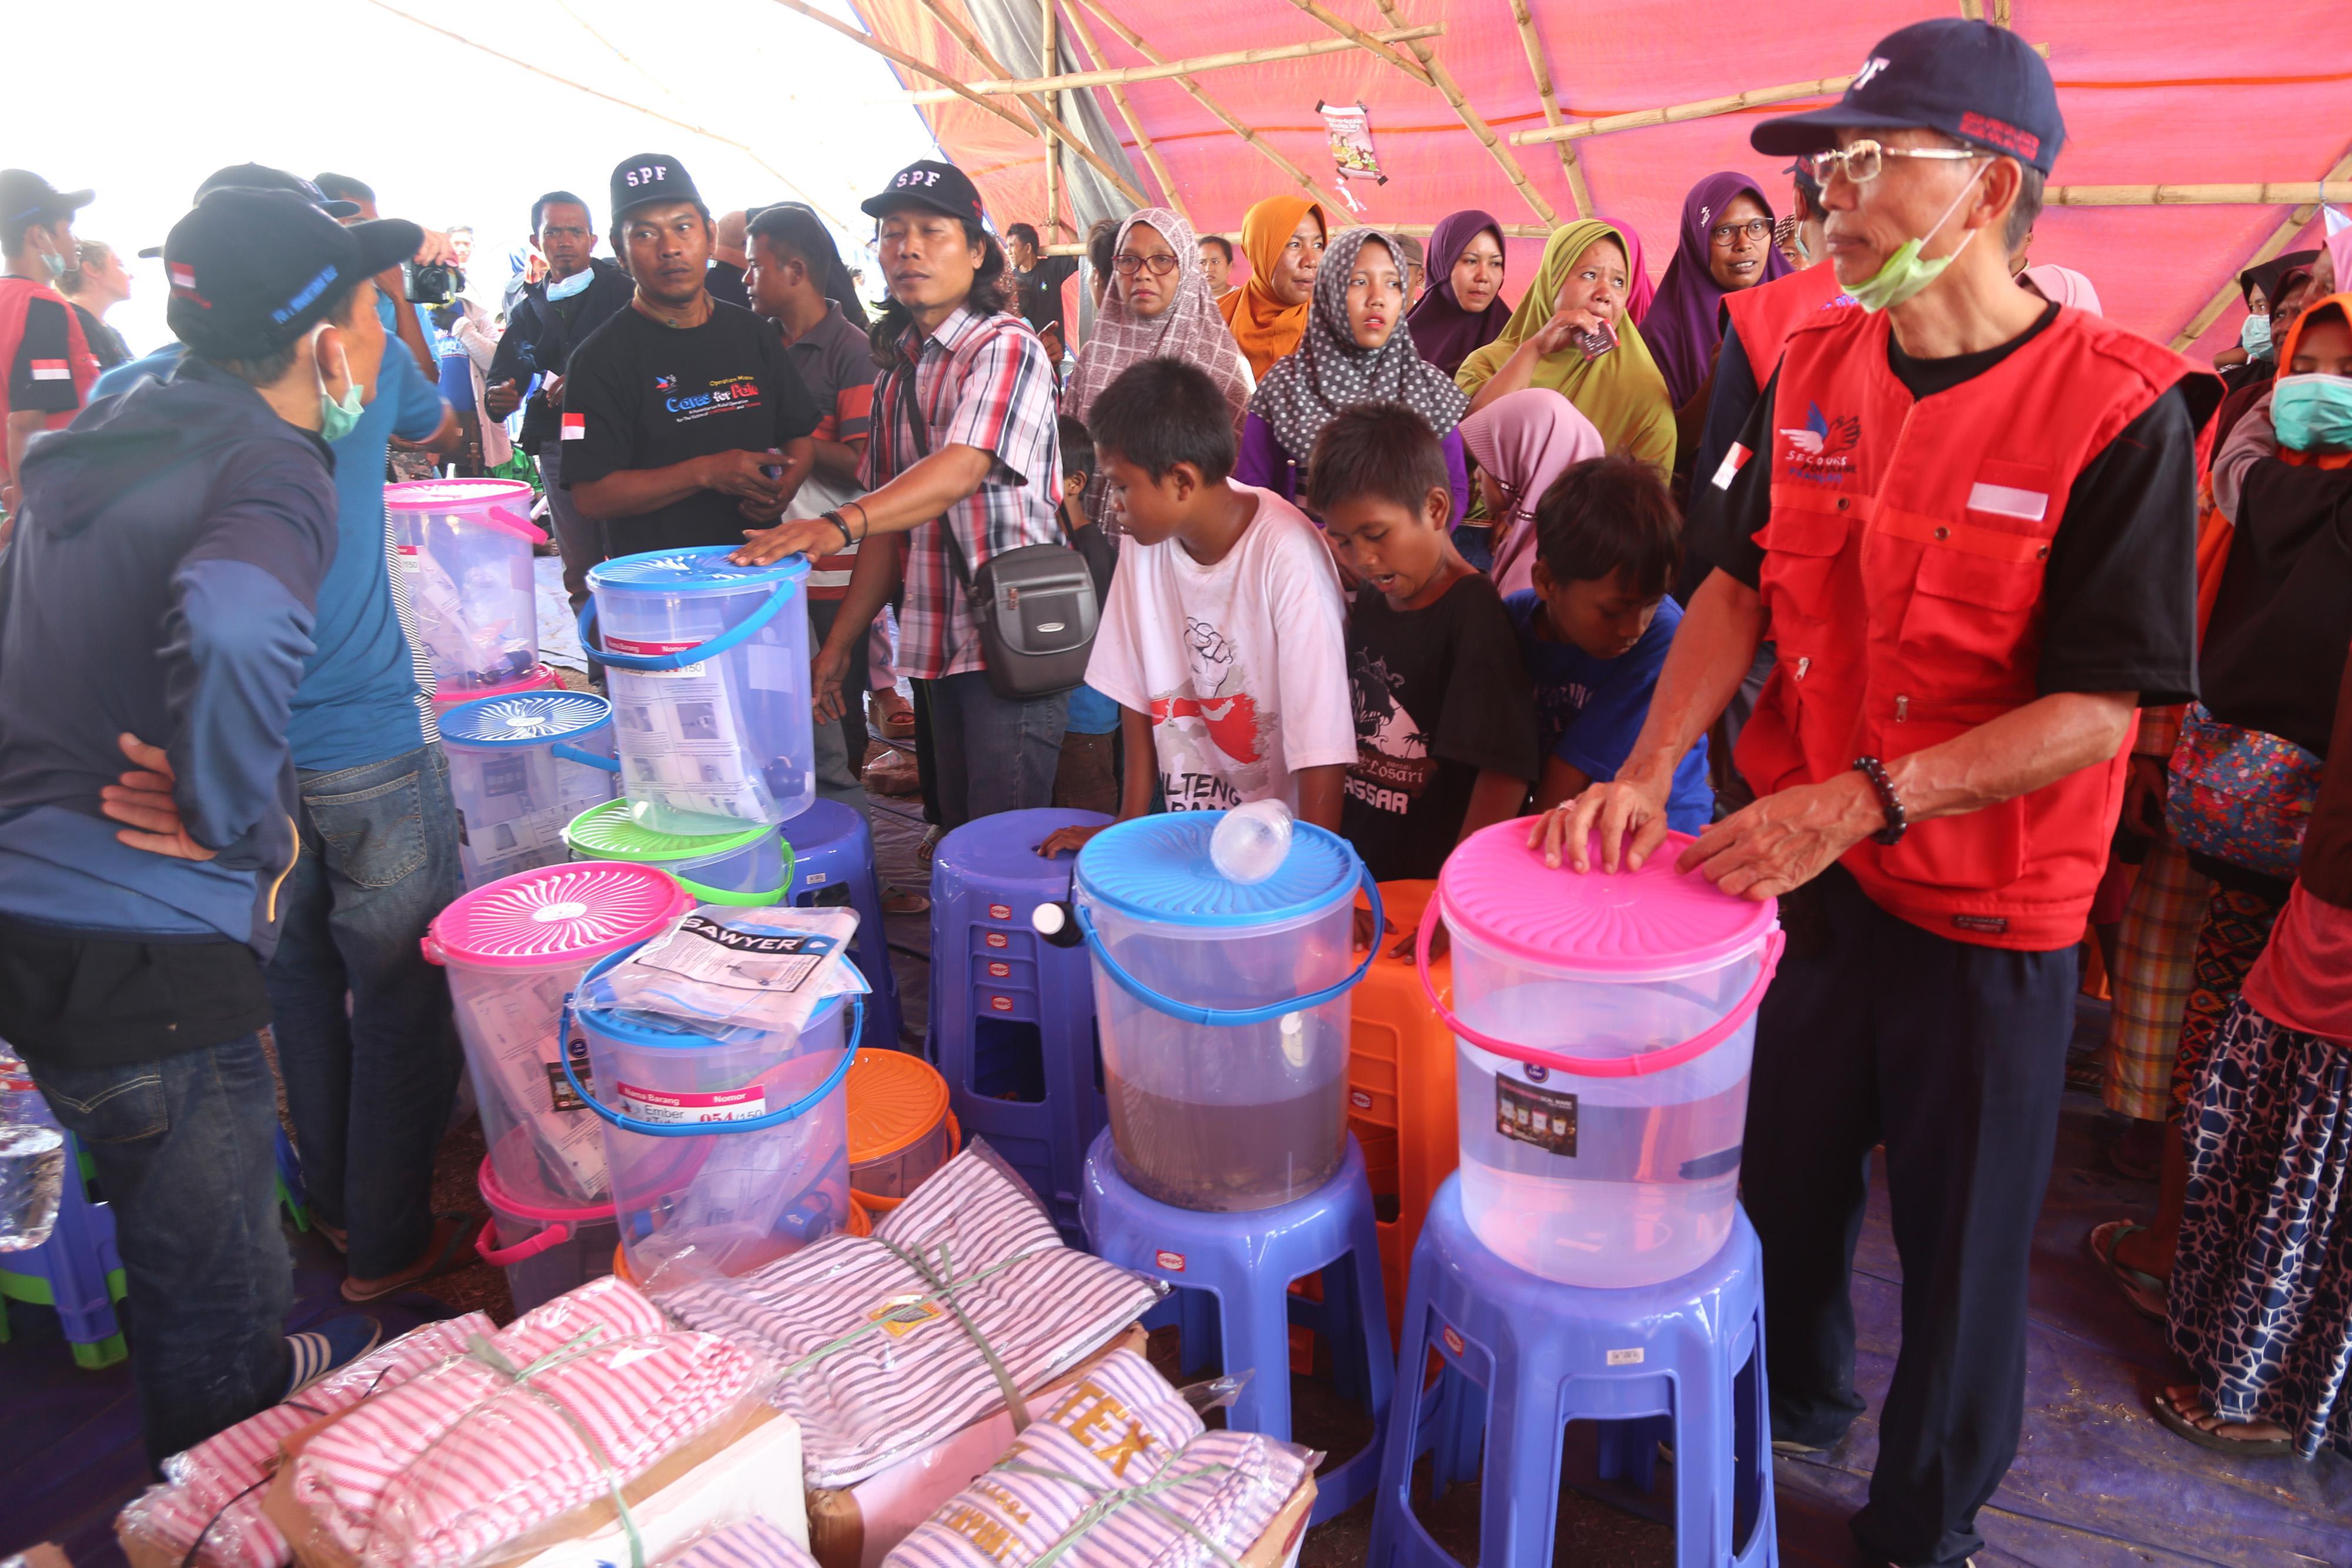 Les kits de filtration distribués sont indispensables pour mettre la population à l'abri des maladies véhiculées par l'eau souillée.